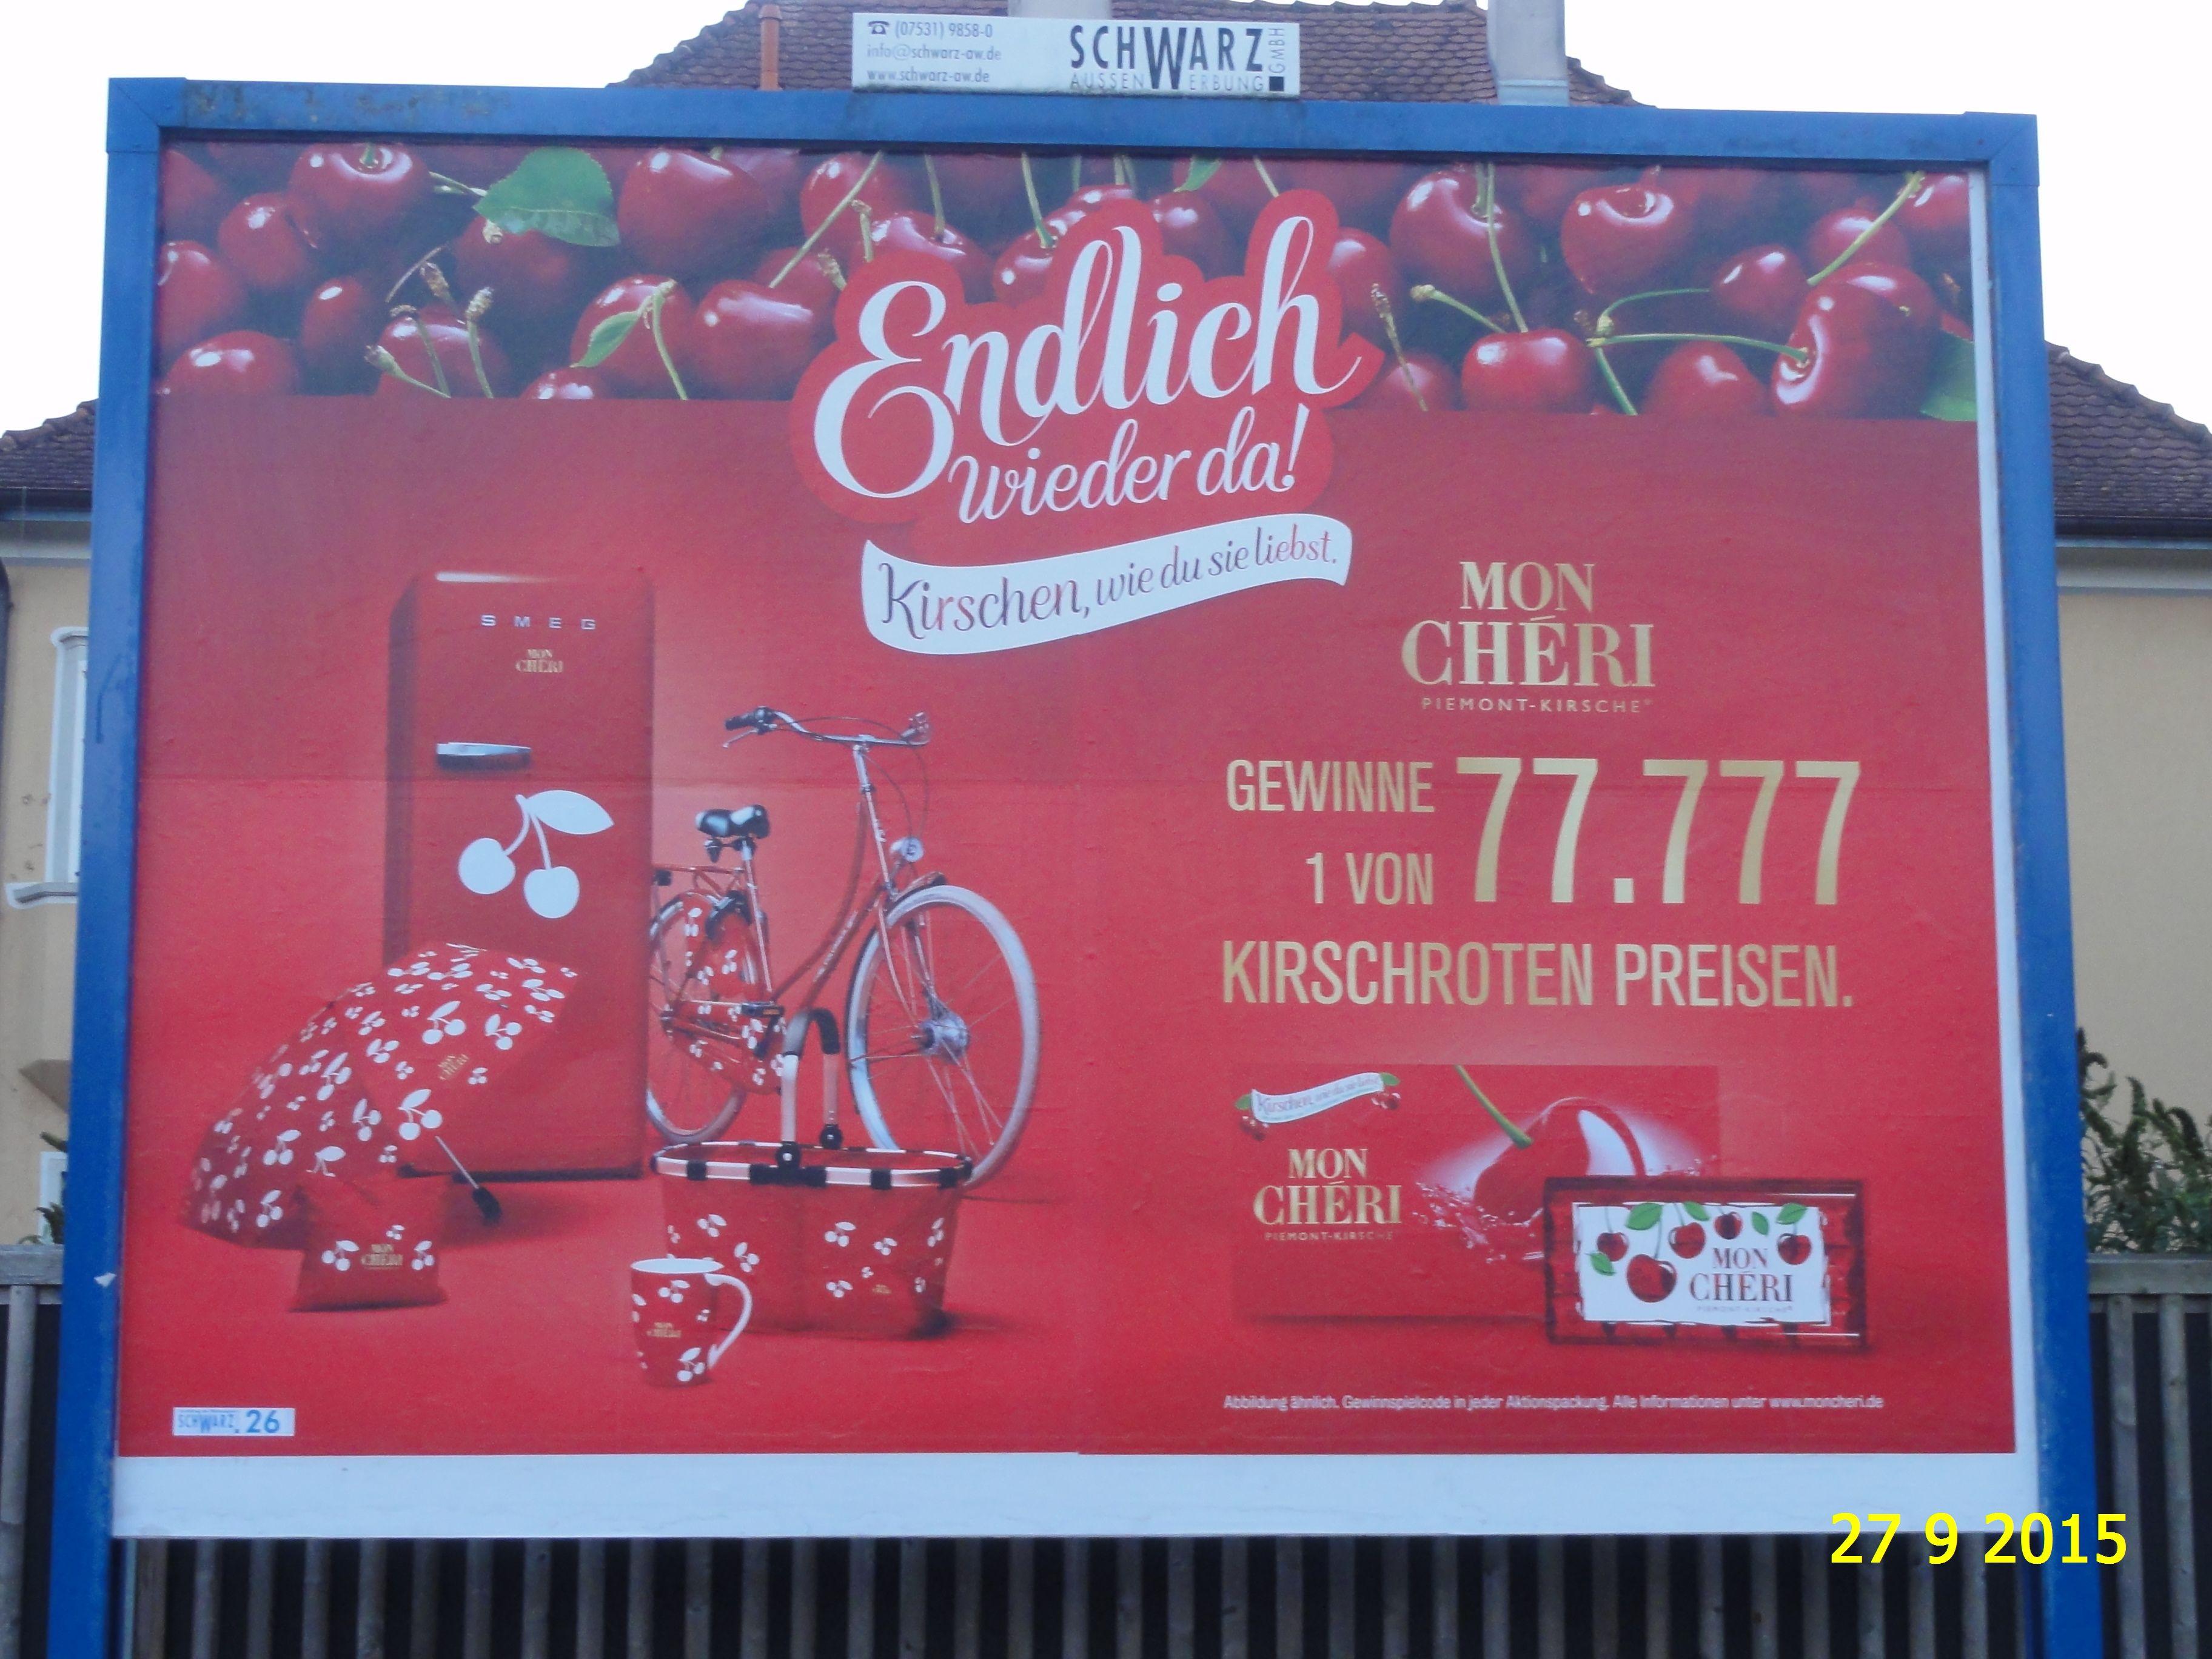 663. - Plakat in Stockach. / 27.09.2015./